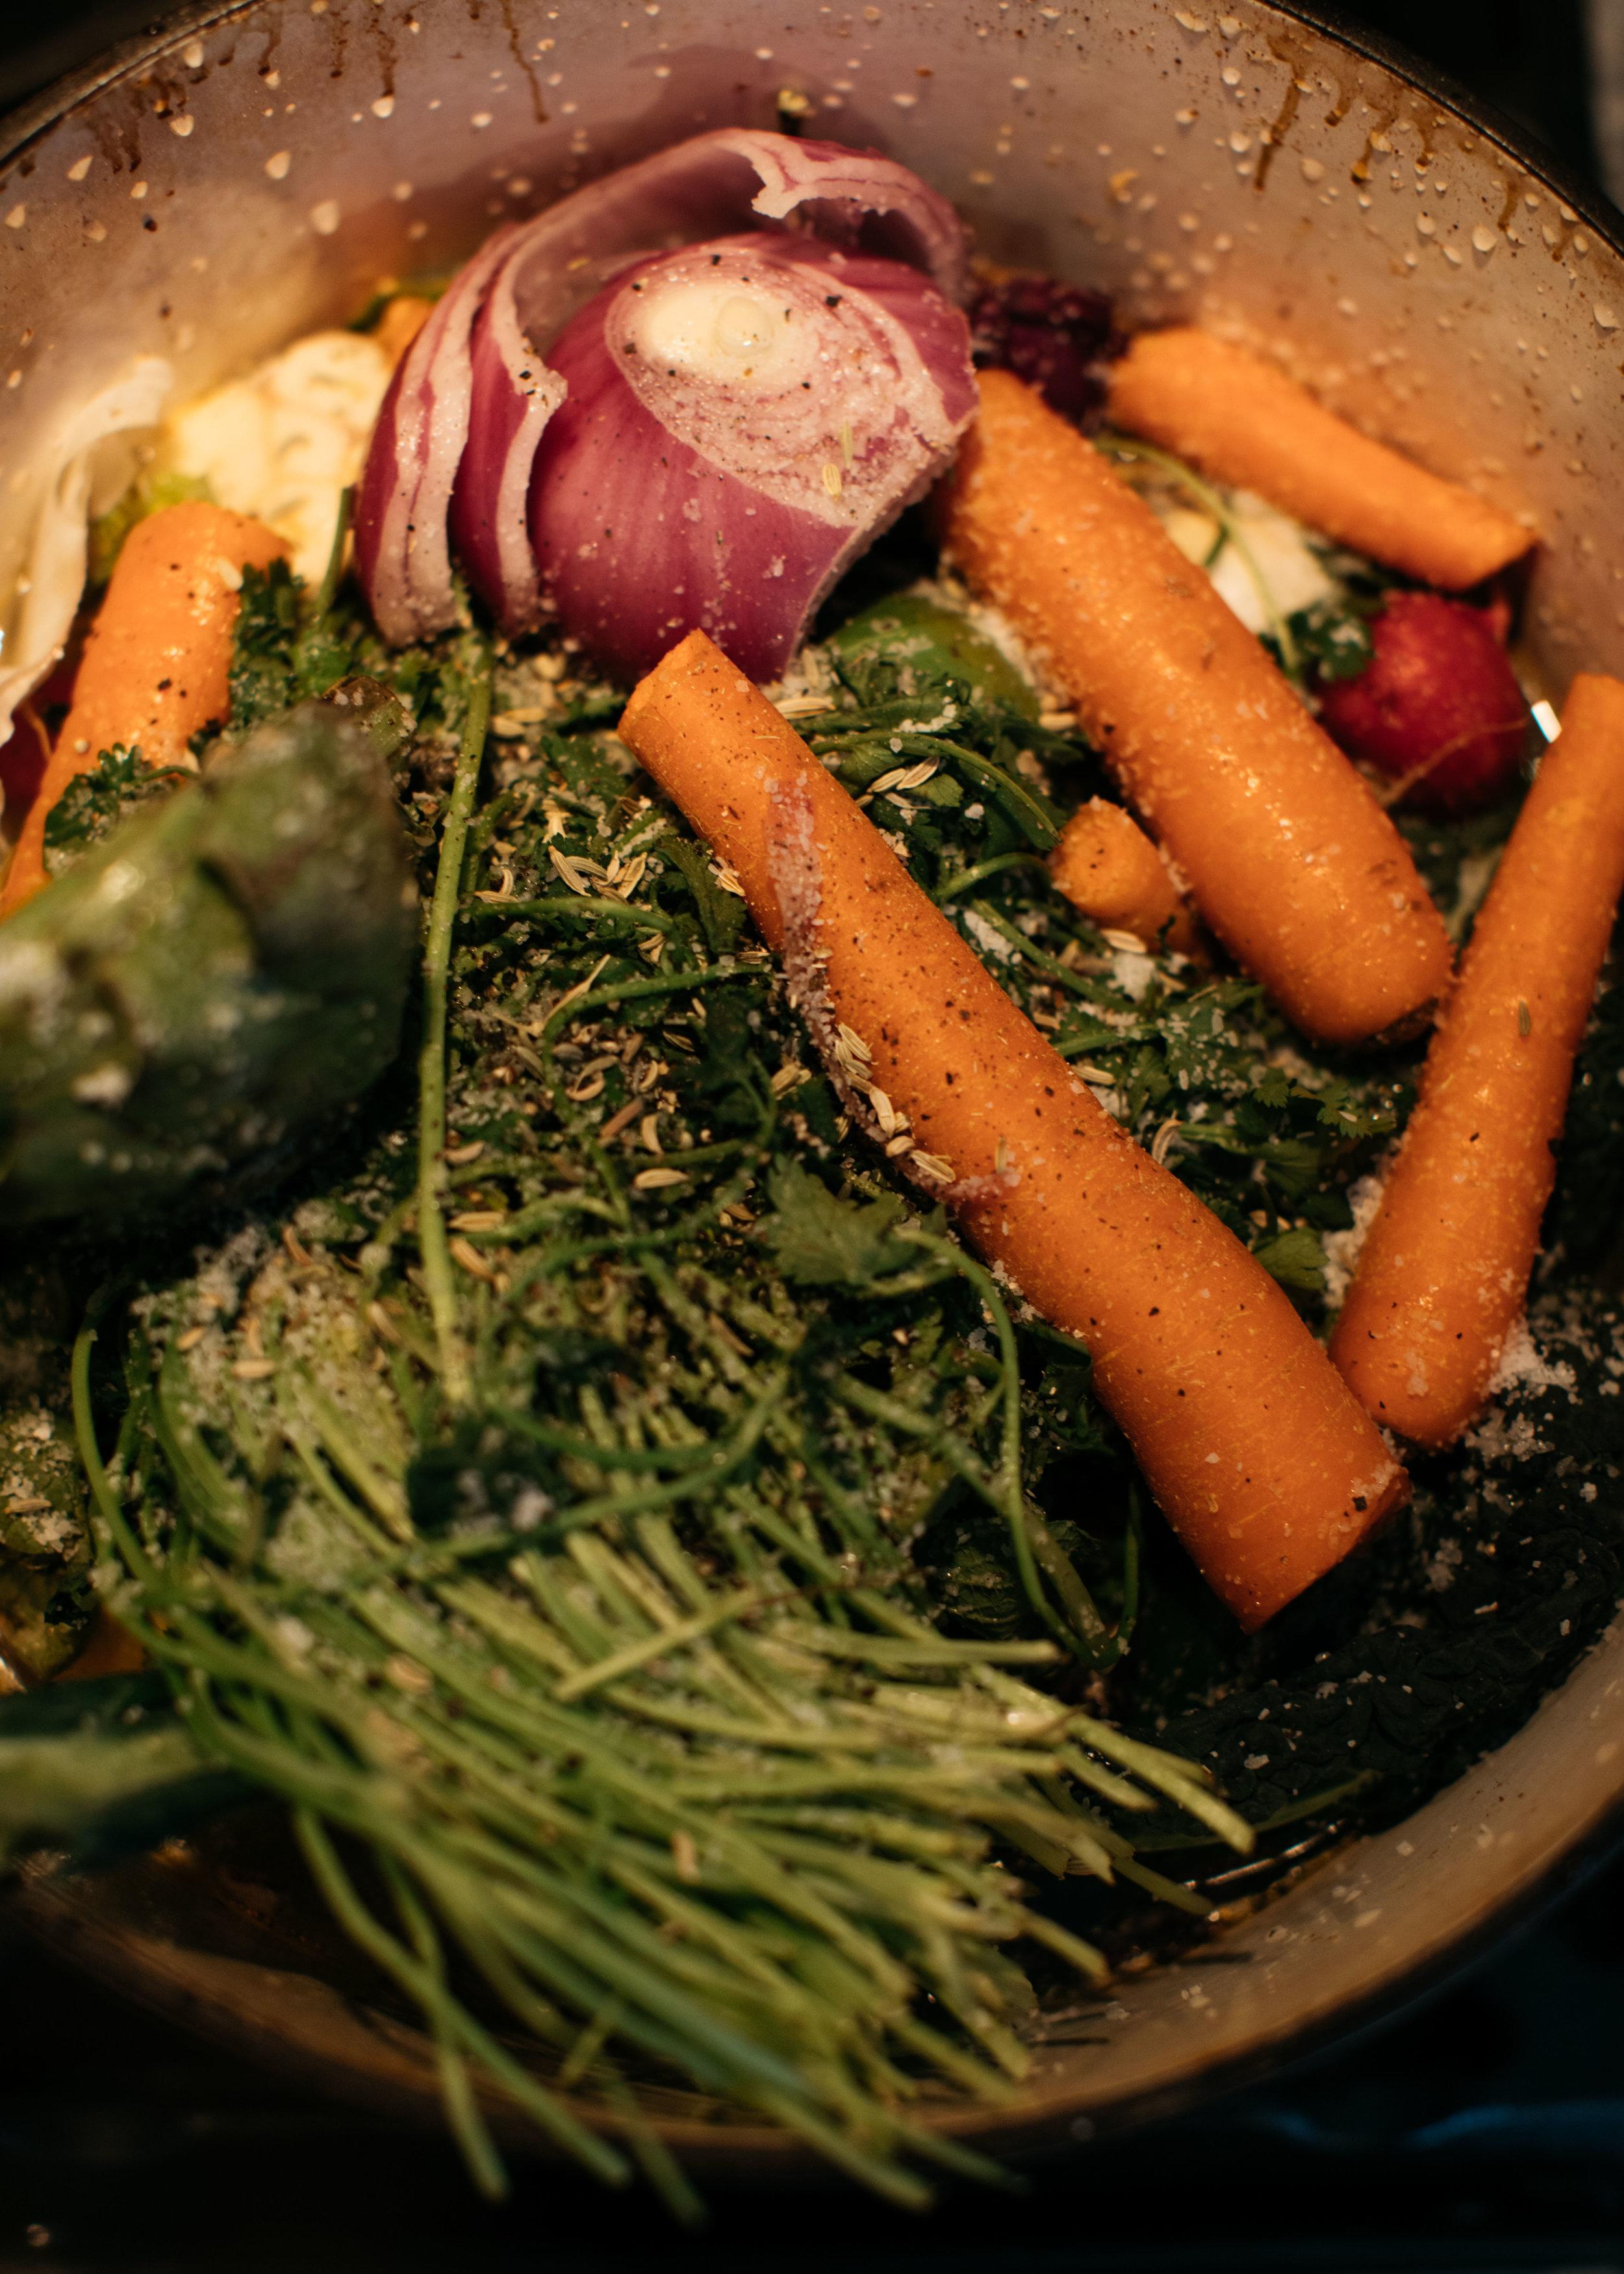 homemade-vegetable-stock-recipe-2.jpg